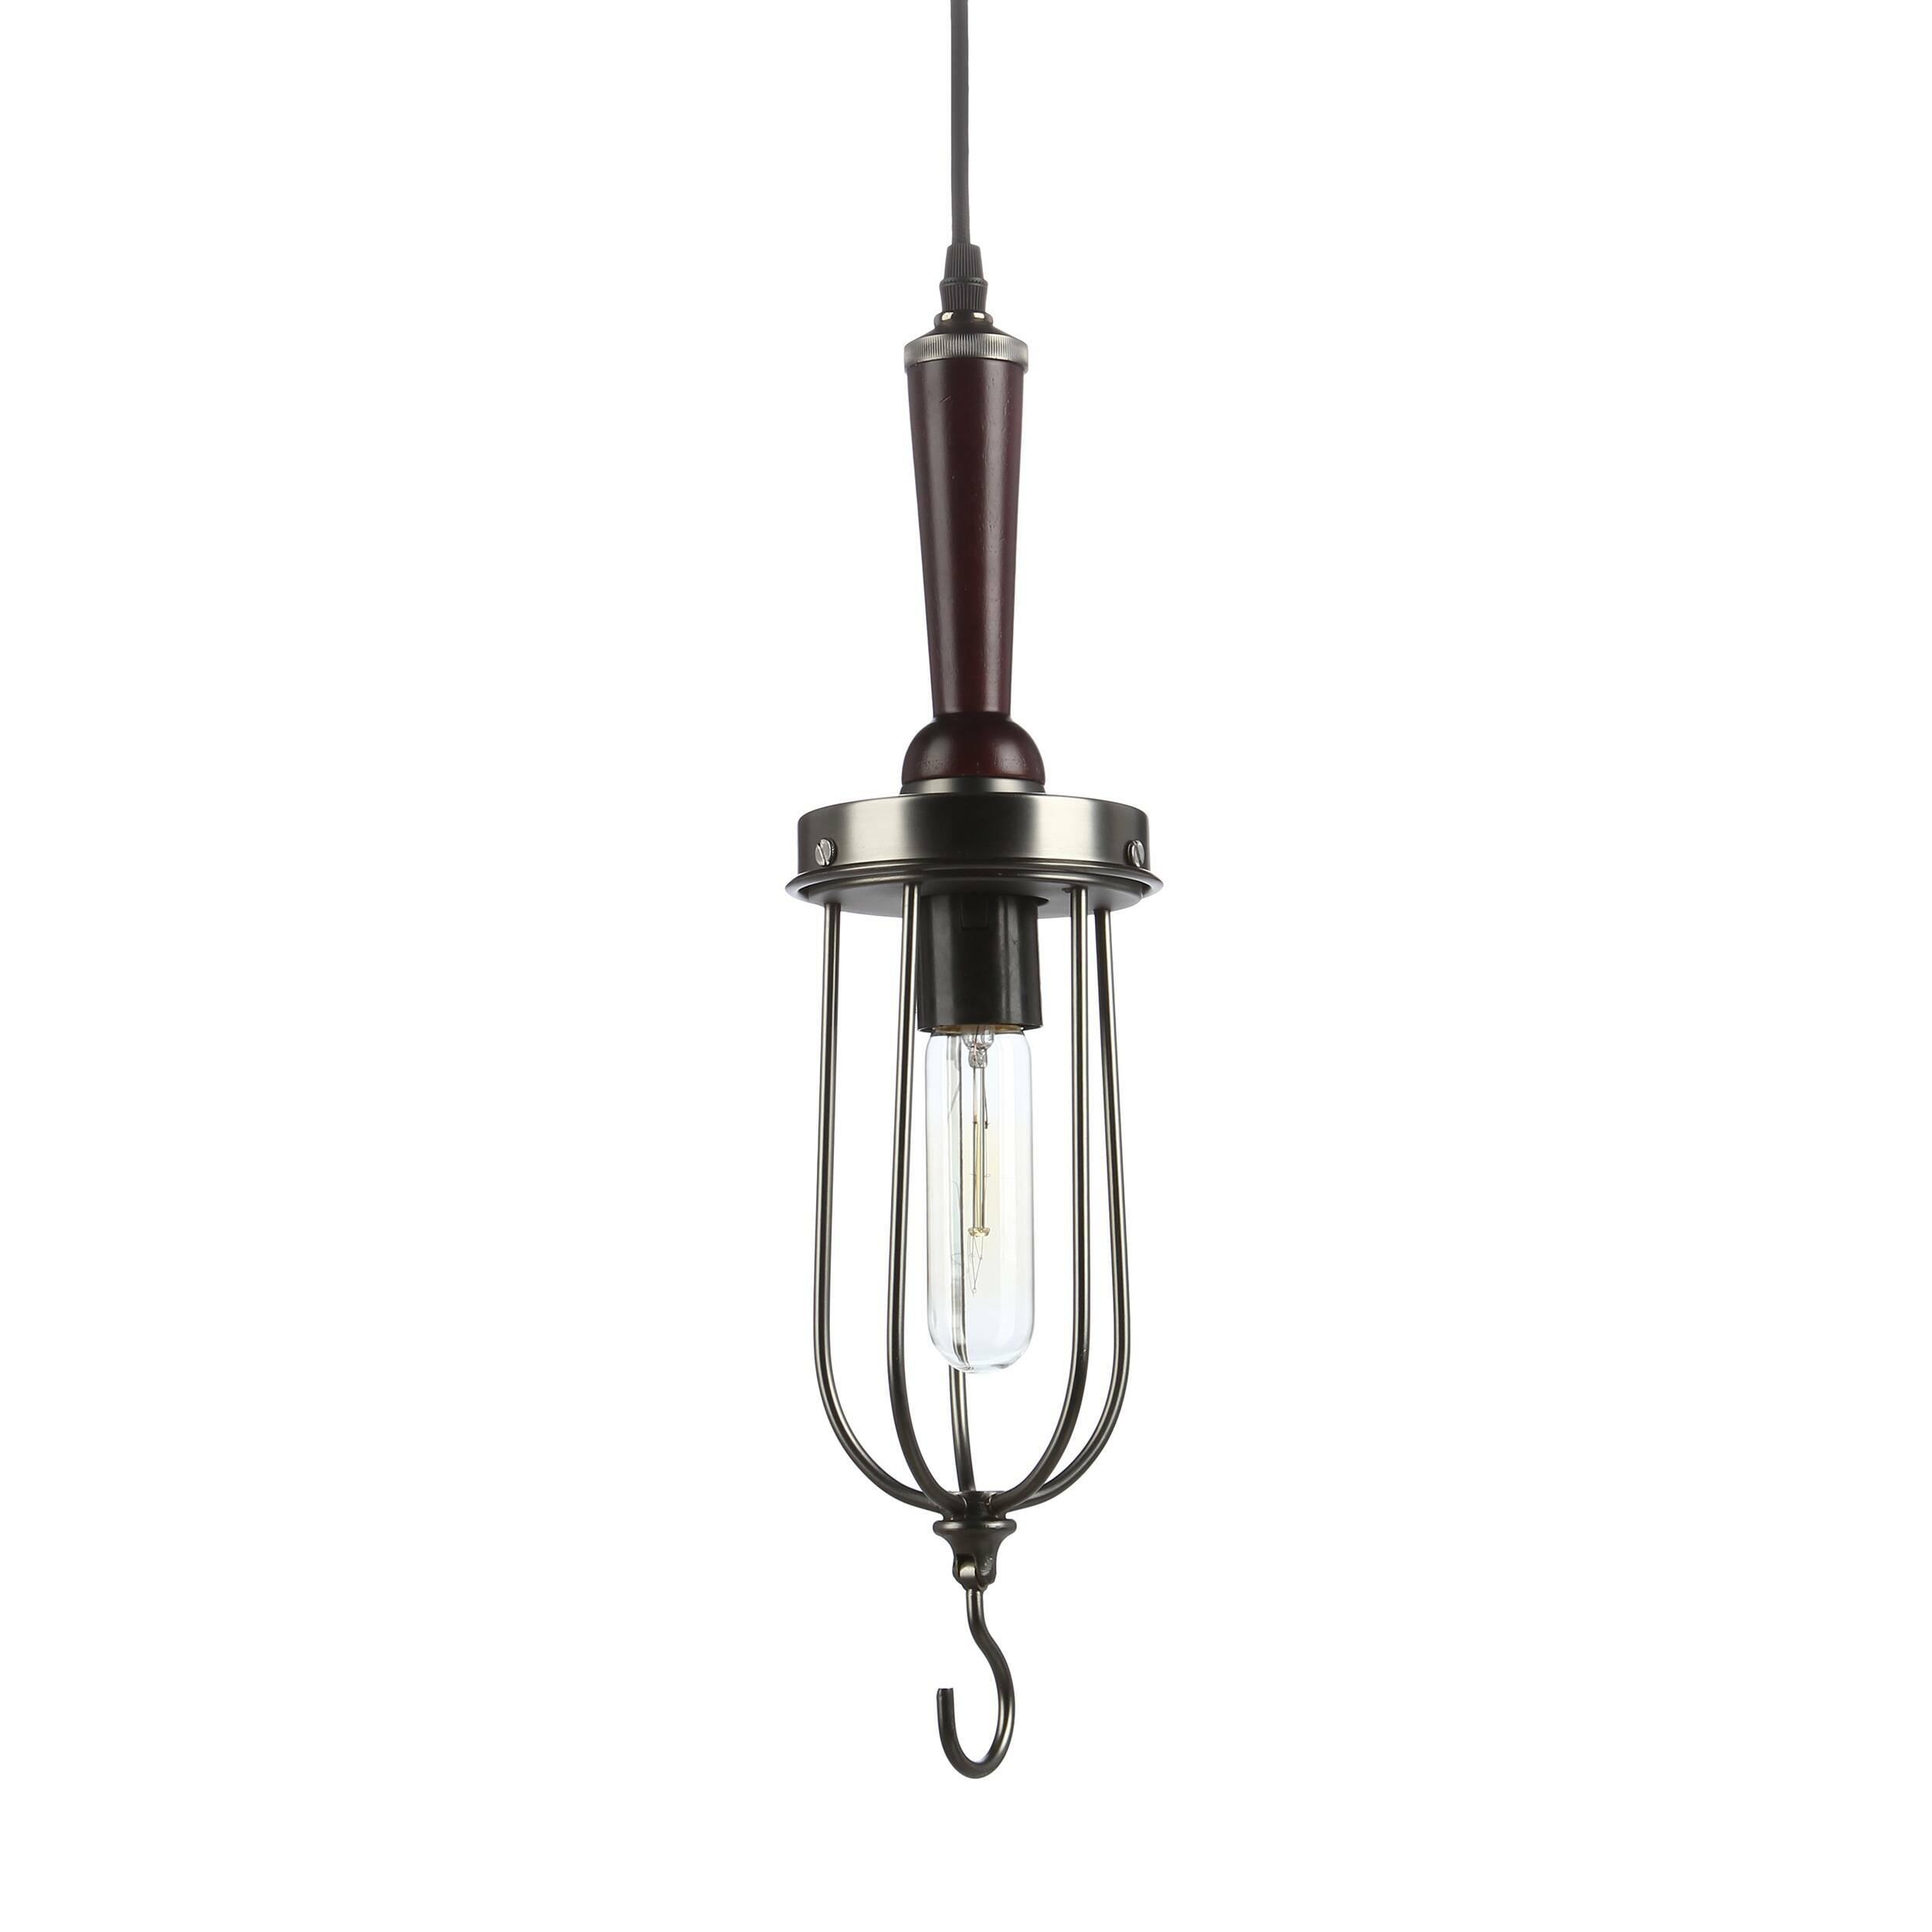 Подвесной светильник Handle HookПодвесные<br>Как вы смотрите на интерьерный дизайн в современном стиле лофт? Если вы можете по-достоинству оценить уникальную роскошь и изысканность неординарного сочетания производственных элементов с современным комфортом и классическими чертами, то популярный нью-йоркский стиль вам непременно придется по душе. Если вы решили оформить свое жилище в стиле лофт — обратите особое внимание на привлекательный подвесной светильник Handle Hook.<br><br><br> Подвесной светильник Handle Hook изготовлен из первоклас...<br><br>stock: 5<br>Высота: 45<br>Длина: 11<br>Количество ламп: 1<br>Материал абажура: Сталь<br>Мощность лампы: 40<br>Ламп в комплекте: Нет<br>Напряжение: 220<br>Тип лампы/цоколь: E27<br>Цвет абажура: Черно-серый<br>Цвет провода: Черный